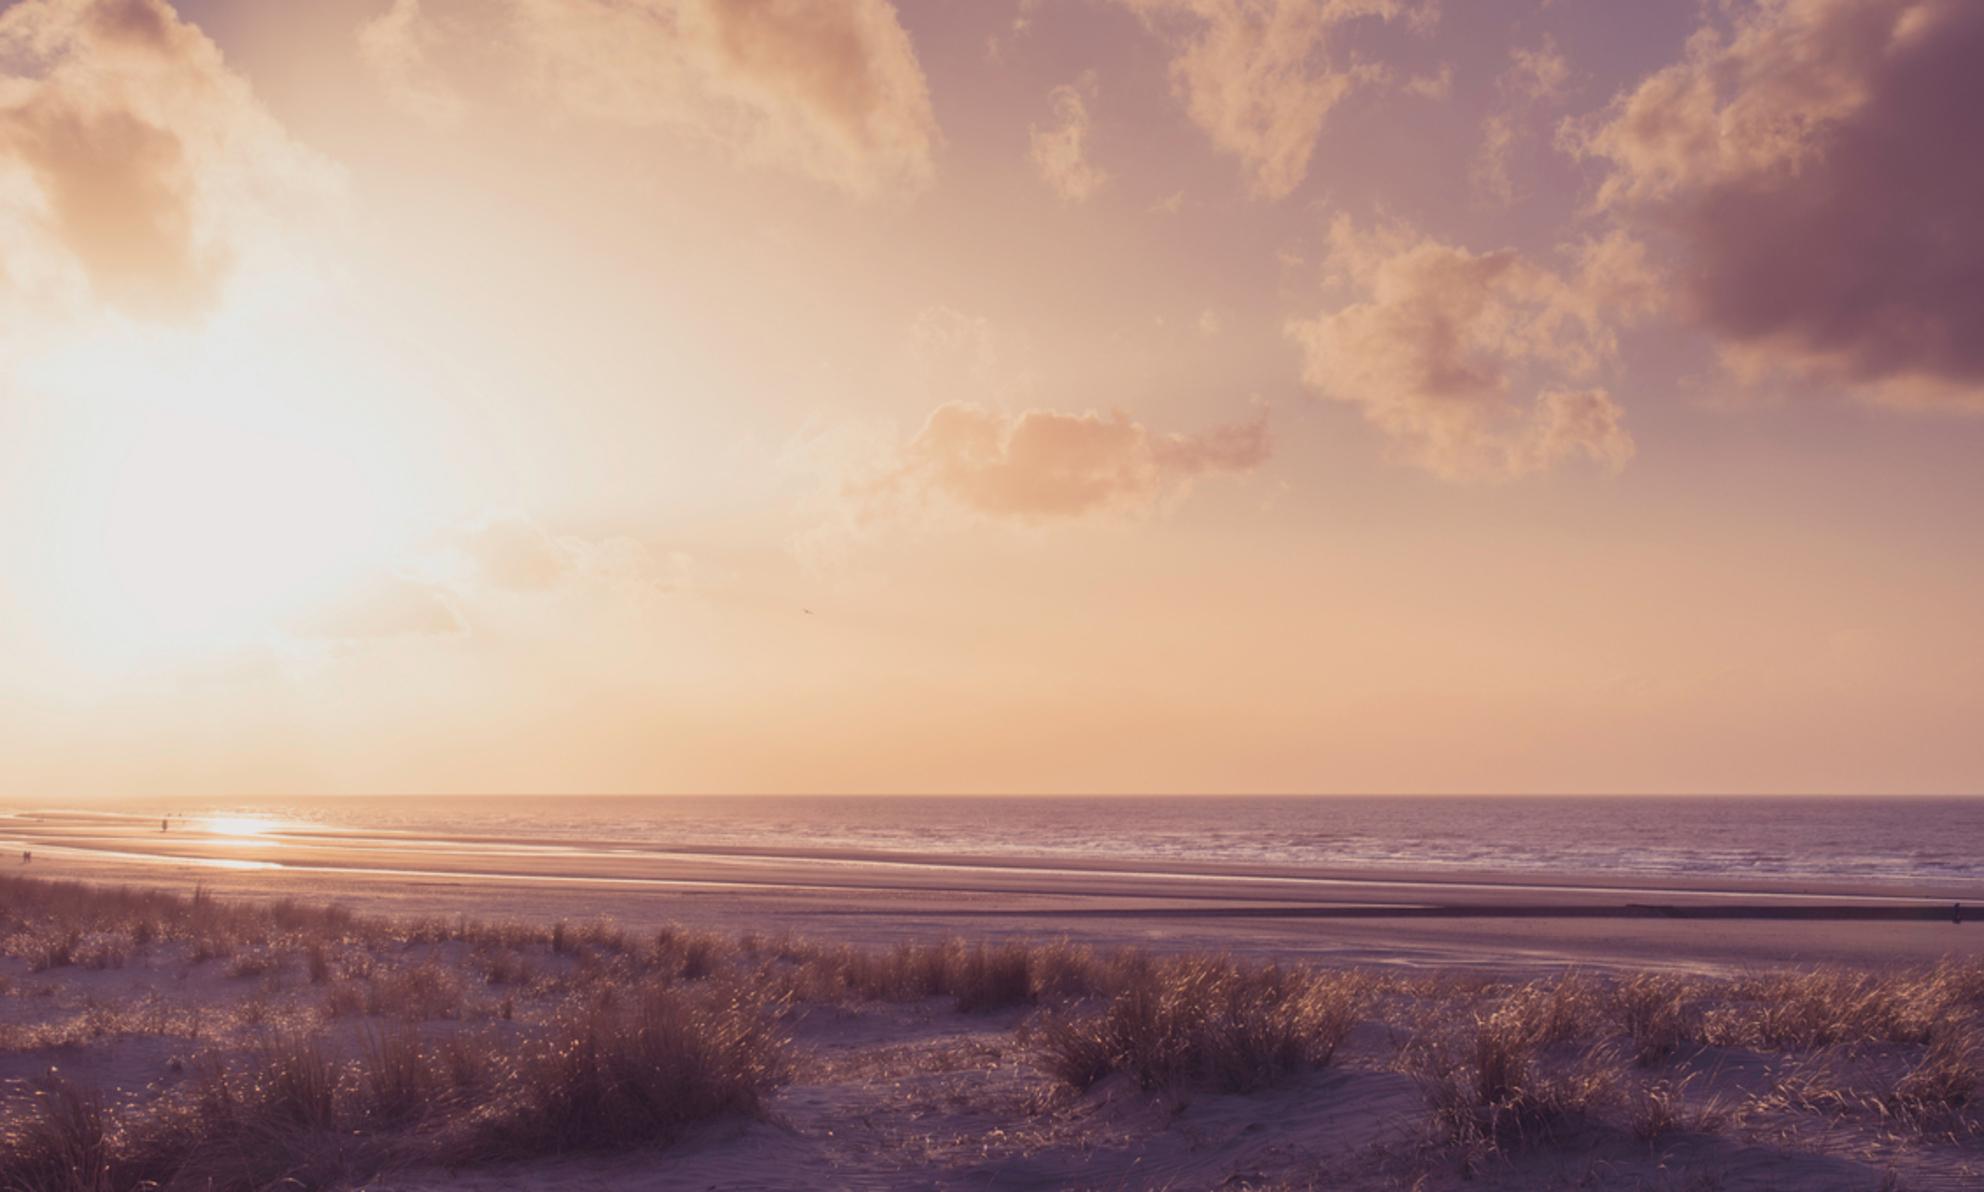 duinenzicht - Zeezicht langs het strand van Nieuwpoort , België - foto door ronin123 op 20-05-2015 - deze foto bevat: strand, zee, natuur, landschap, duinen - Deze foto mag gebruikt worden in een Zoom.nl publicatie